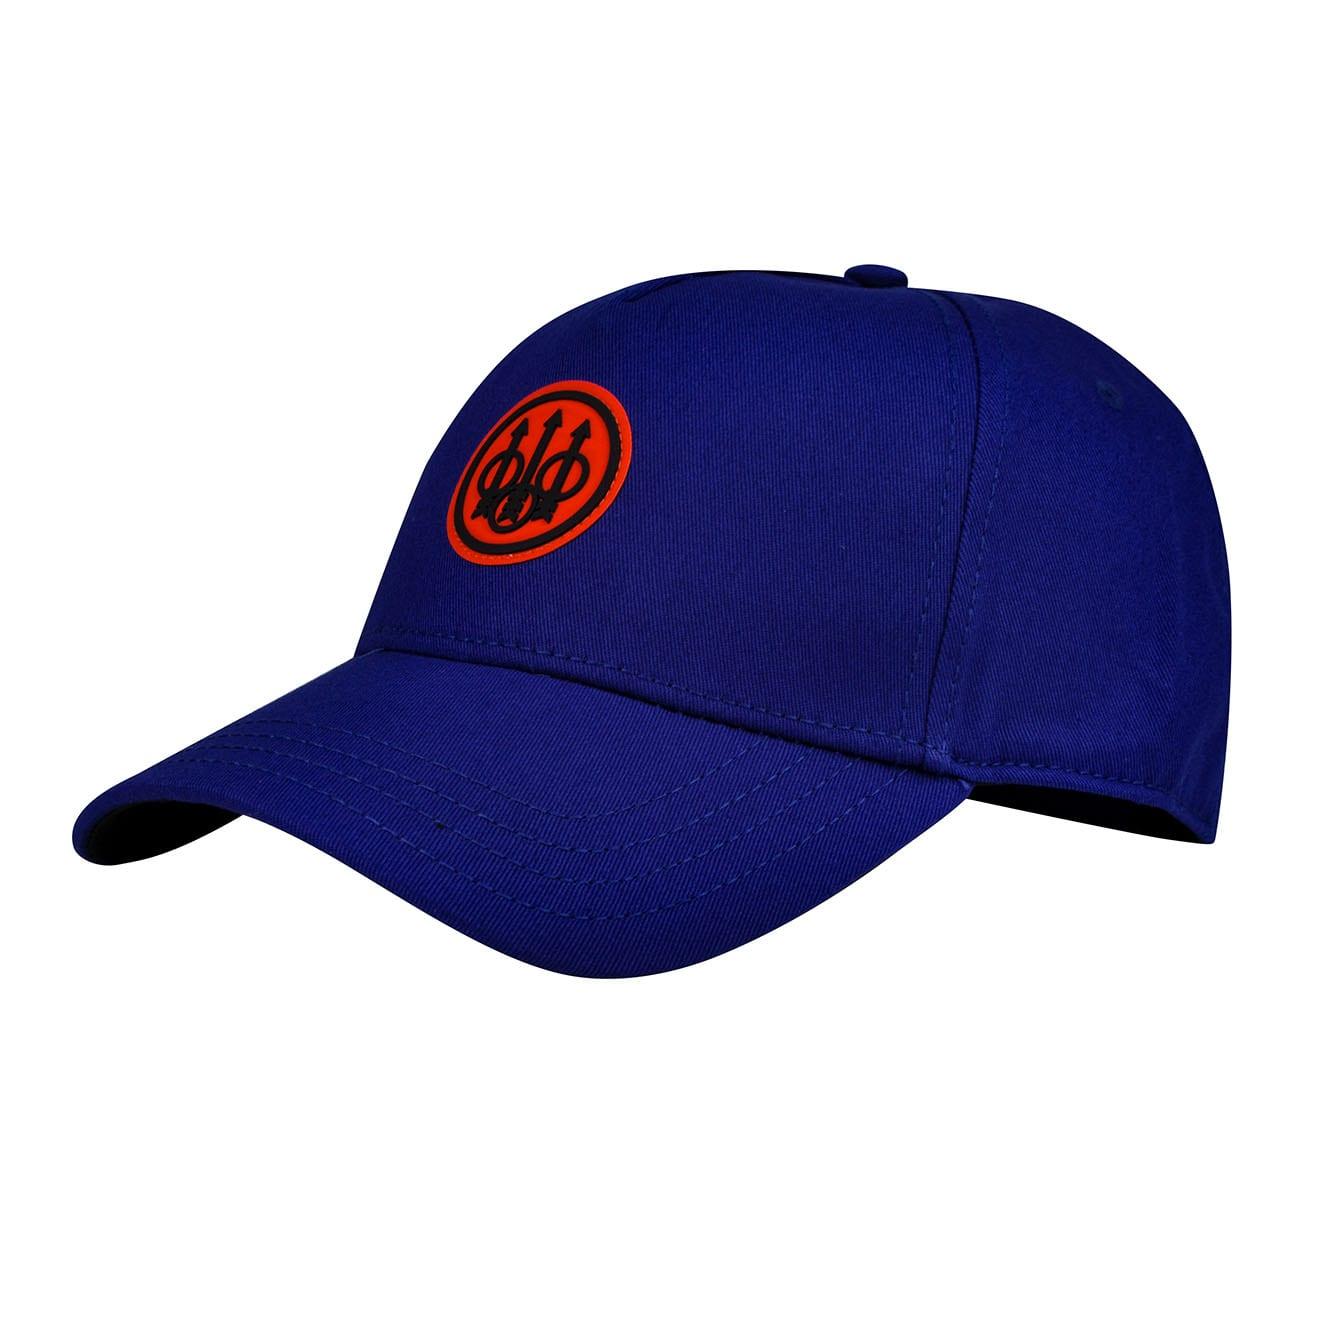 785ea8e307d Beretta Patch Cap Beretta Blue - The Sporting Lodge